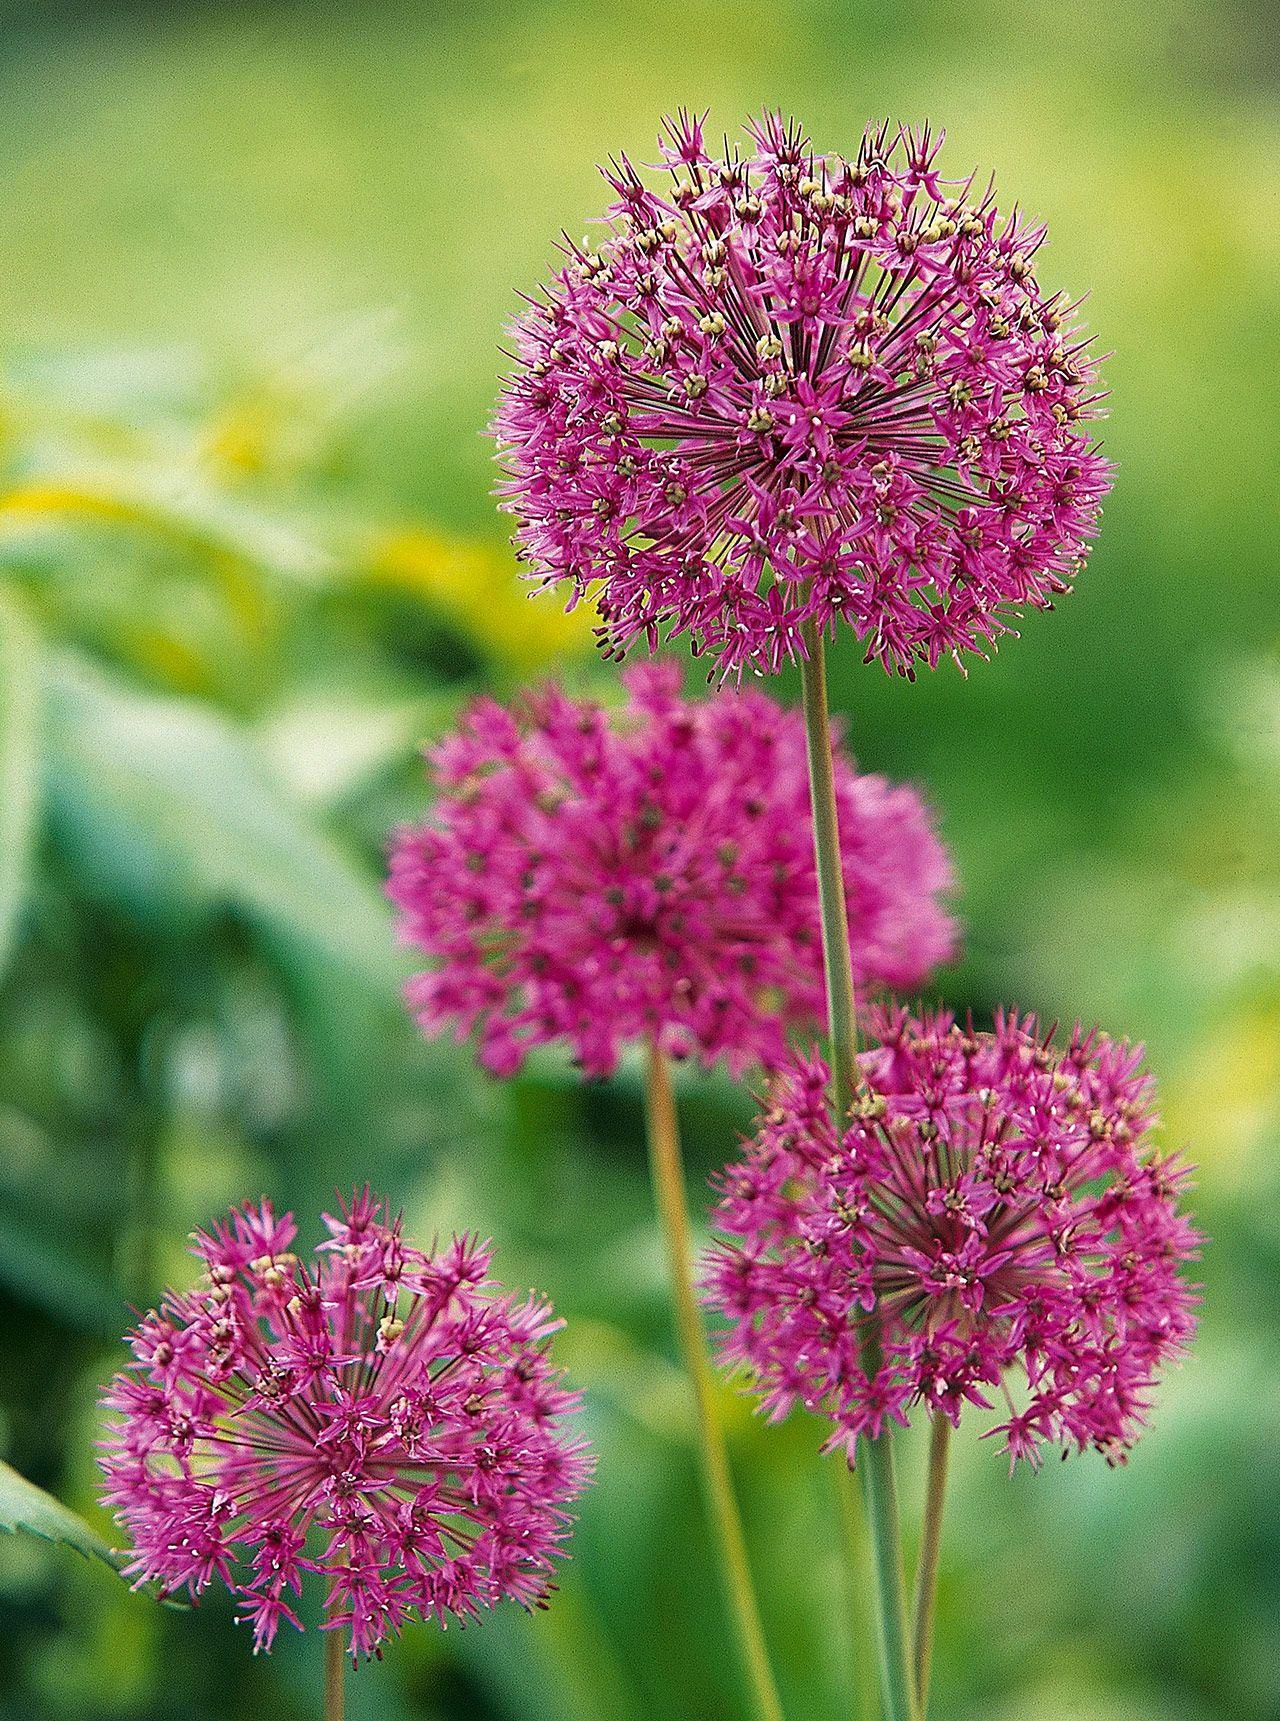 16 Of The Prettiest Allium Varieties To Plant In Your Garden In 2020 Rabbit Resistant Plants Plants Allium Flowers